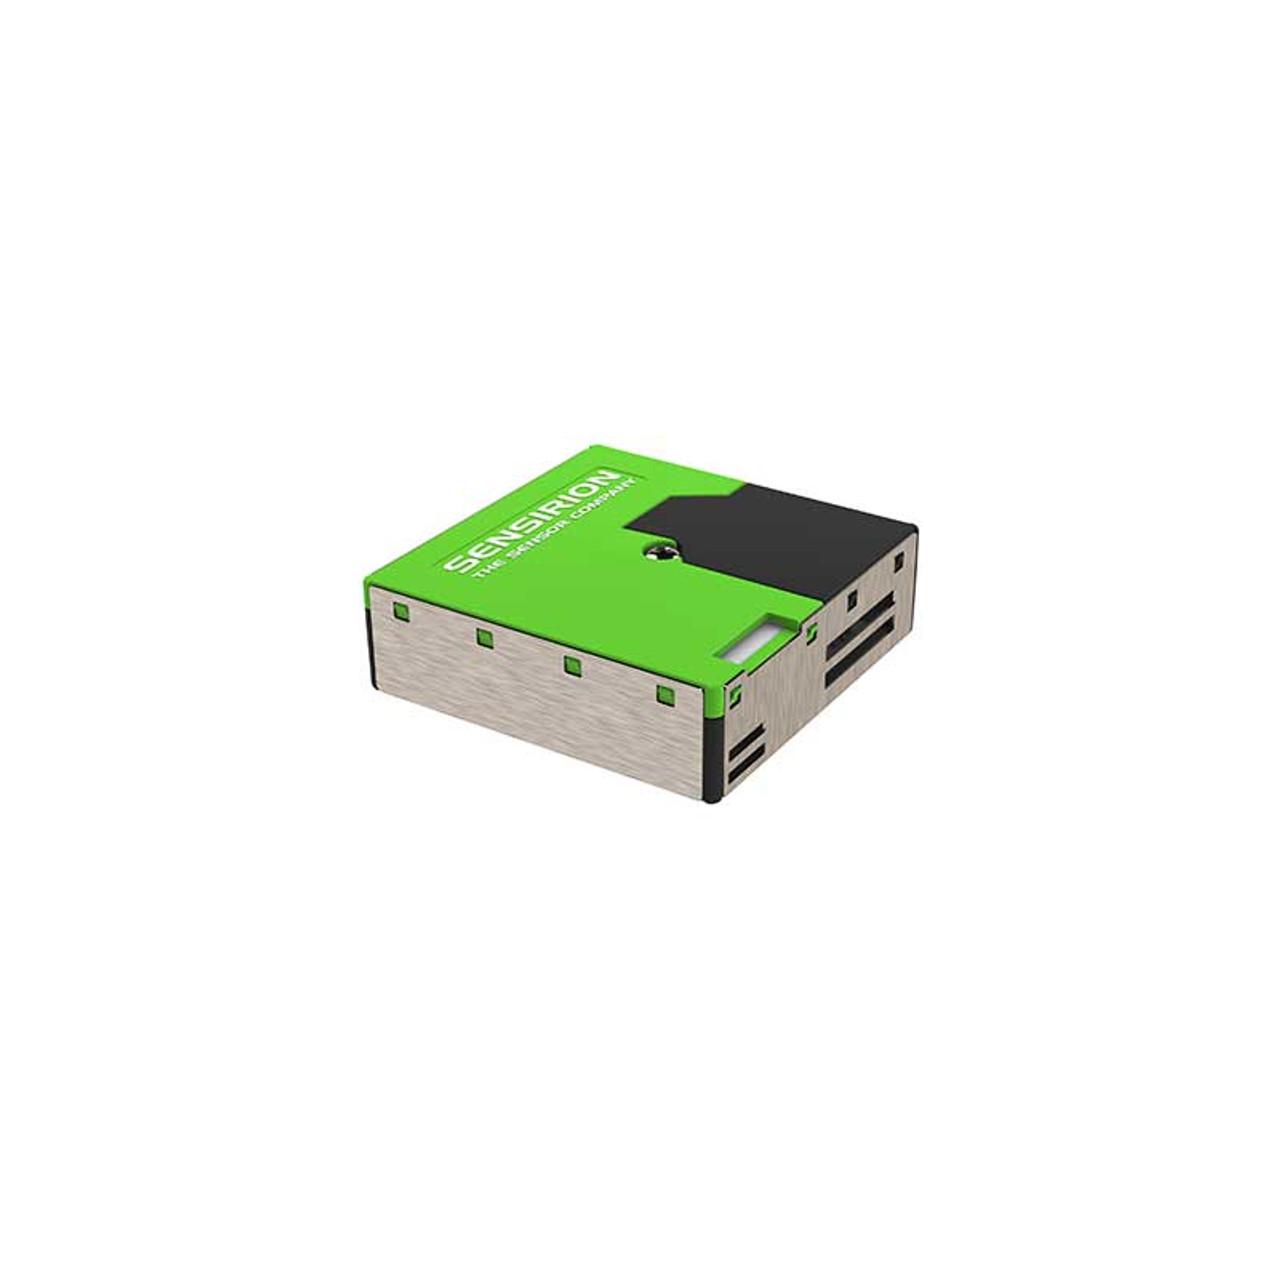 Particulate Matter Sensor SPS30 Air Sensor Dust Sensor